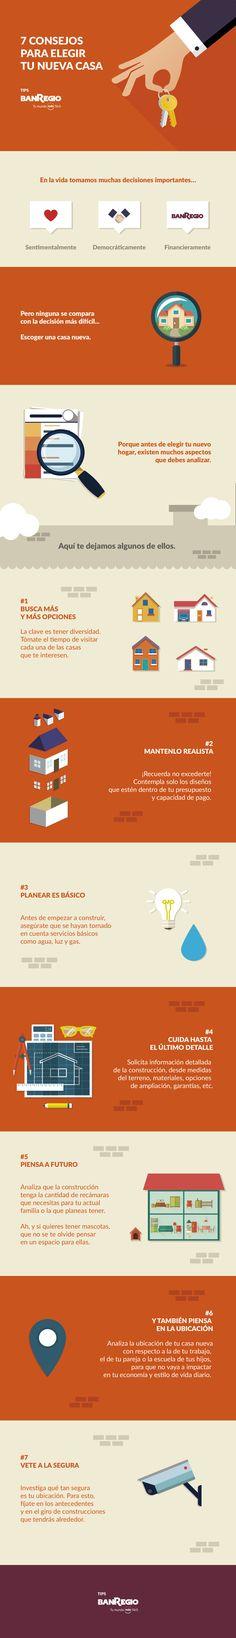 nueva casa, sentimientos, compra tu casa, ahorra, patrimonio, infografico, iconos, ilustracion, como comprar casa, infonavit, madurar, madurez, adquisición, terreno, ahorro, futuro, anaranjado